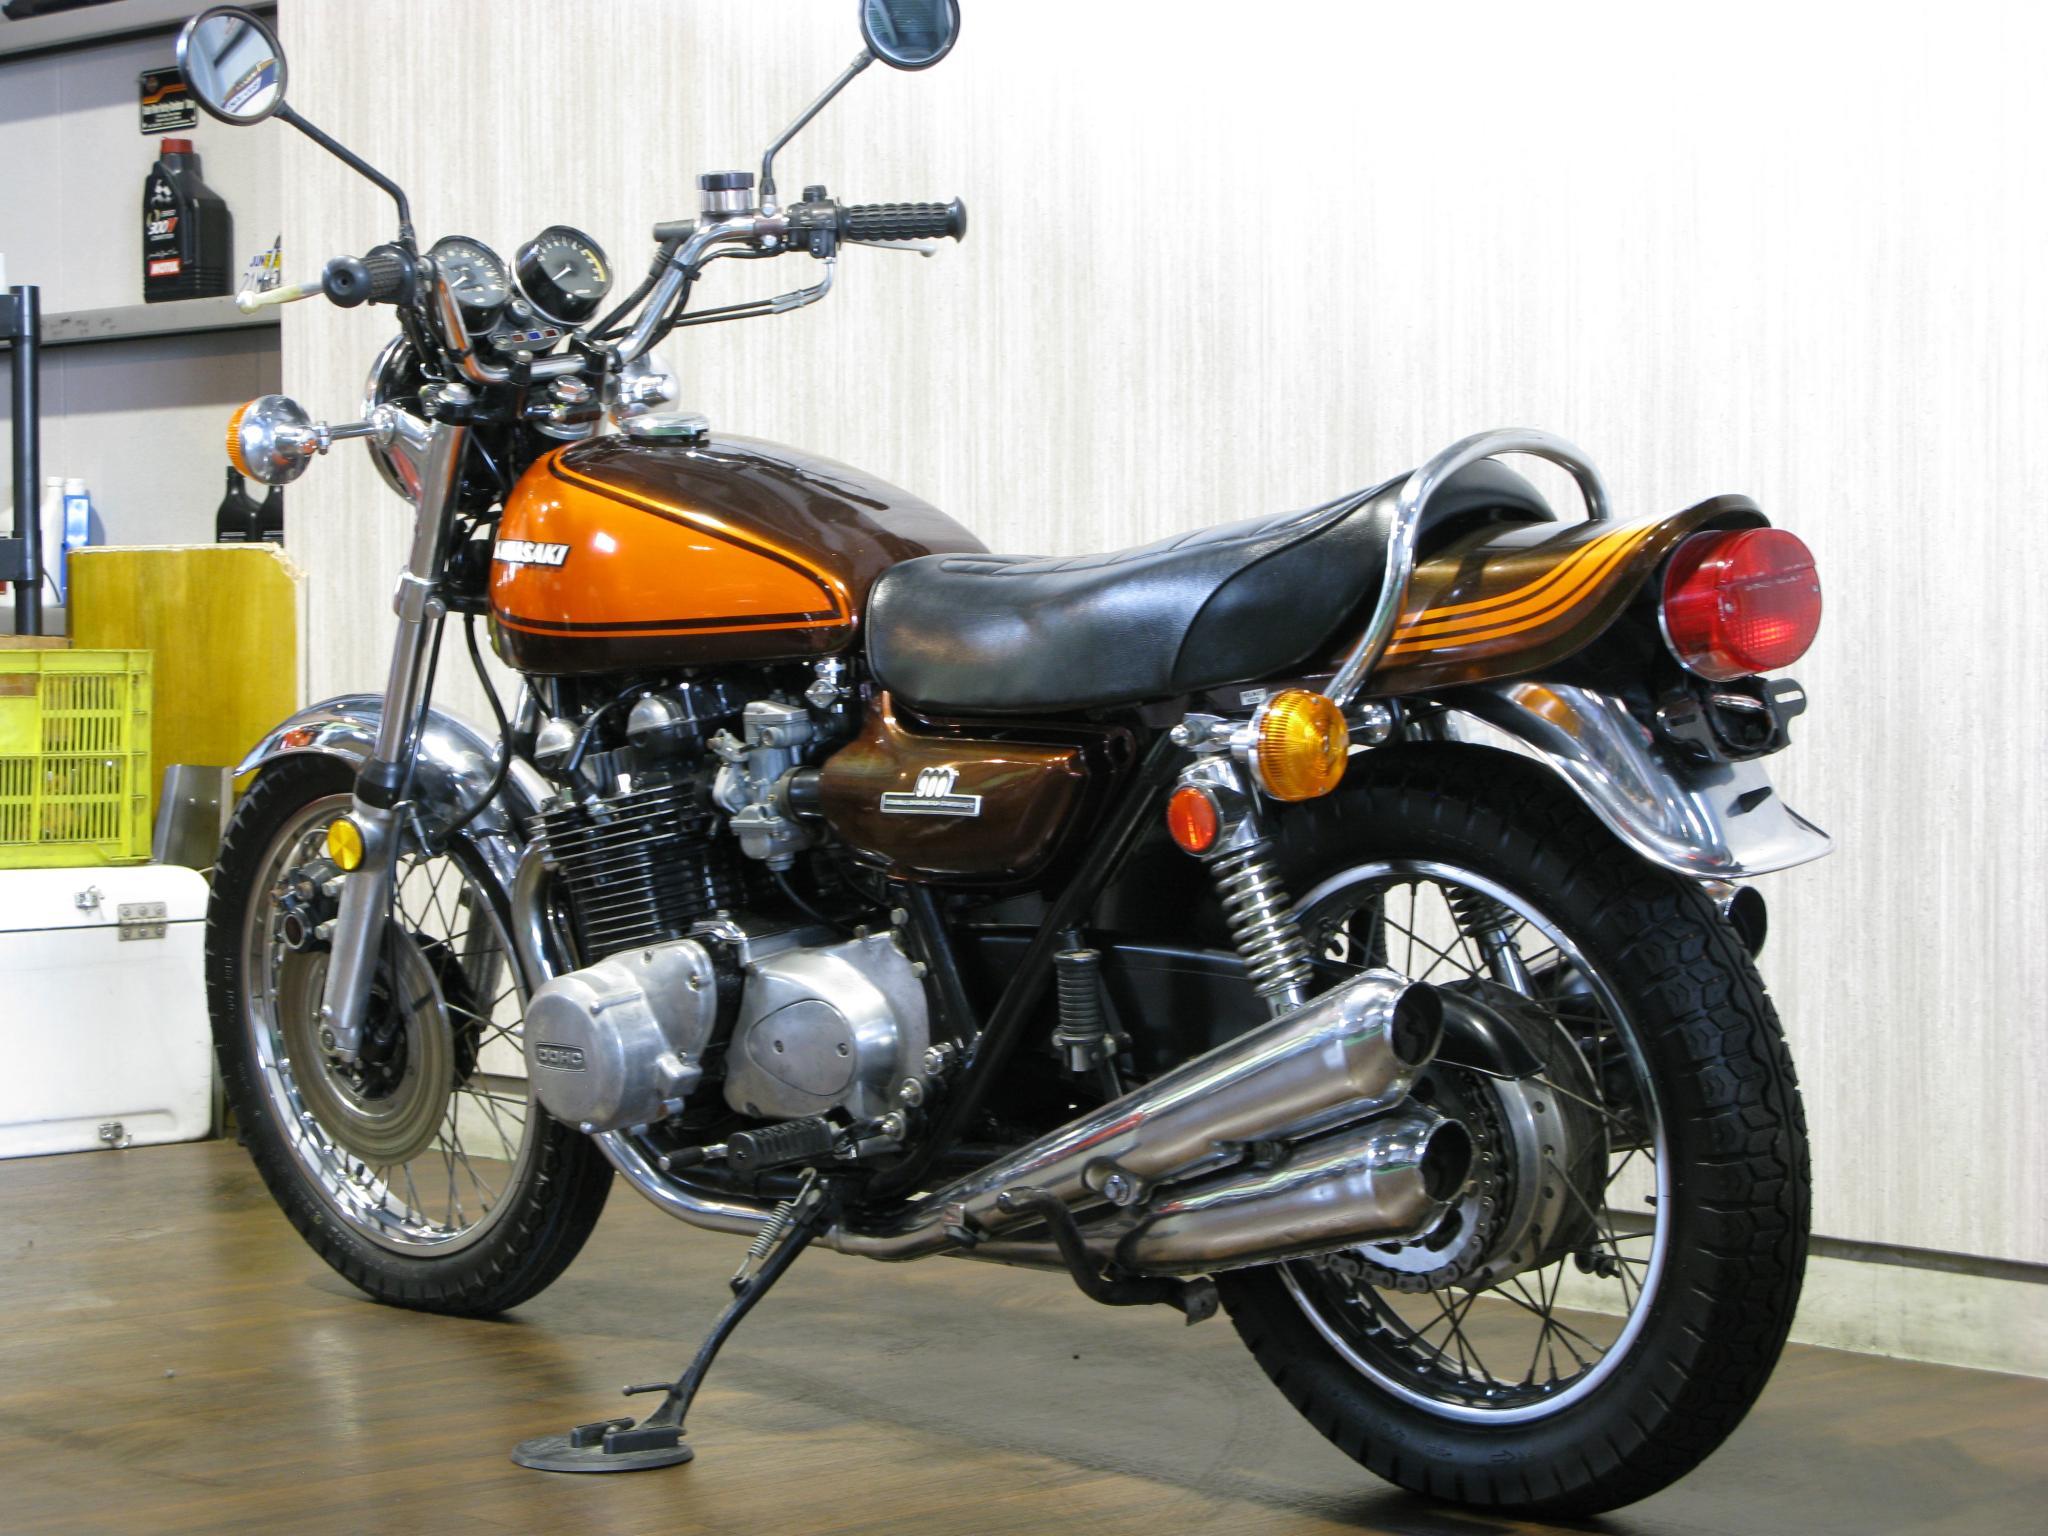 カワサキ 1973 Kawasaki Z1 車体写真6